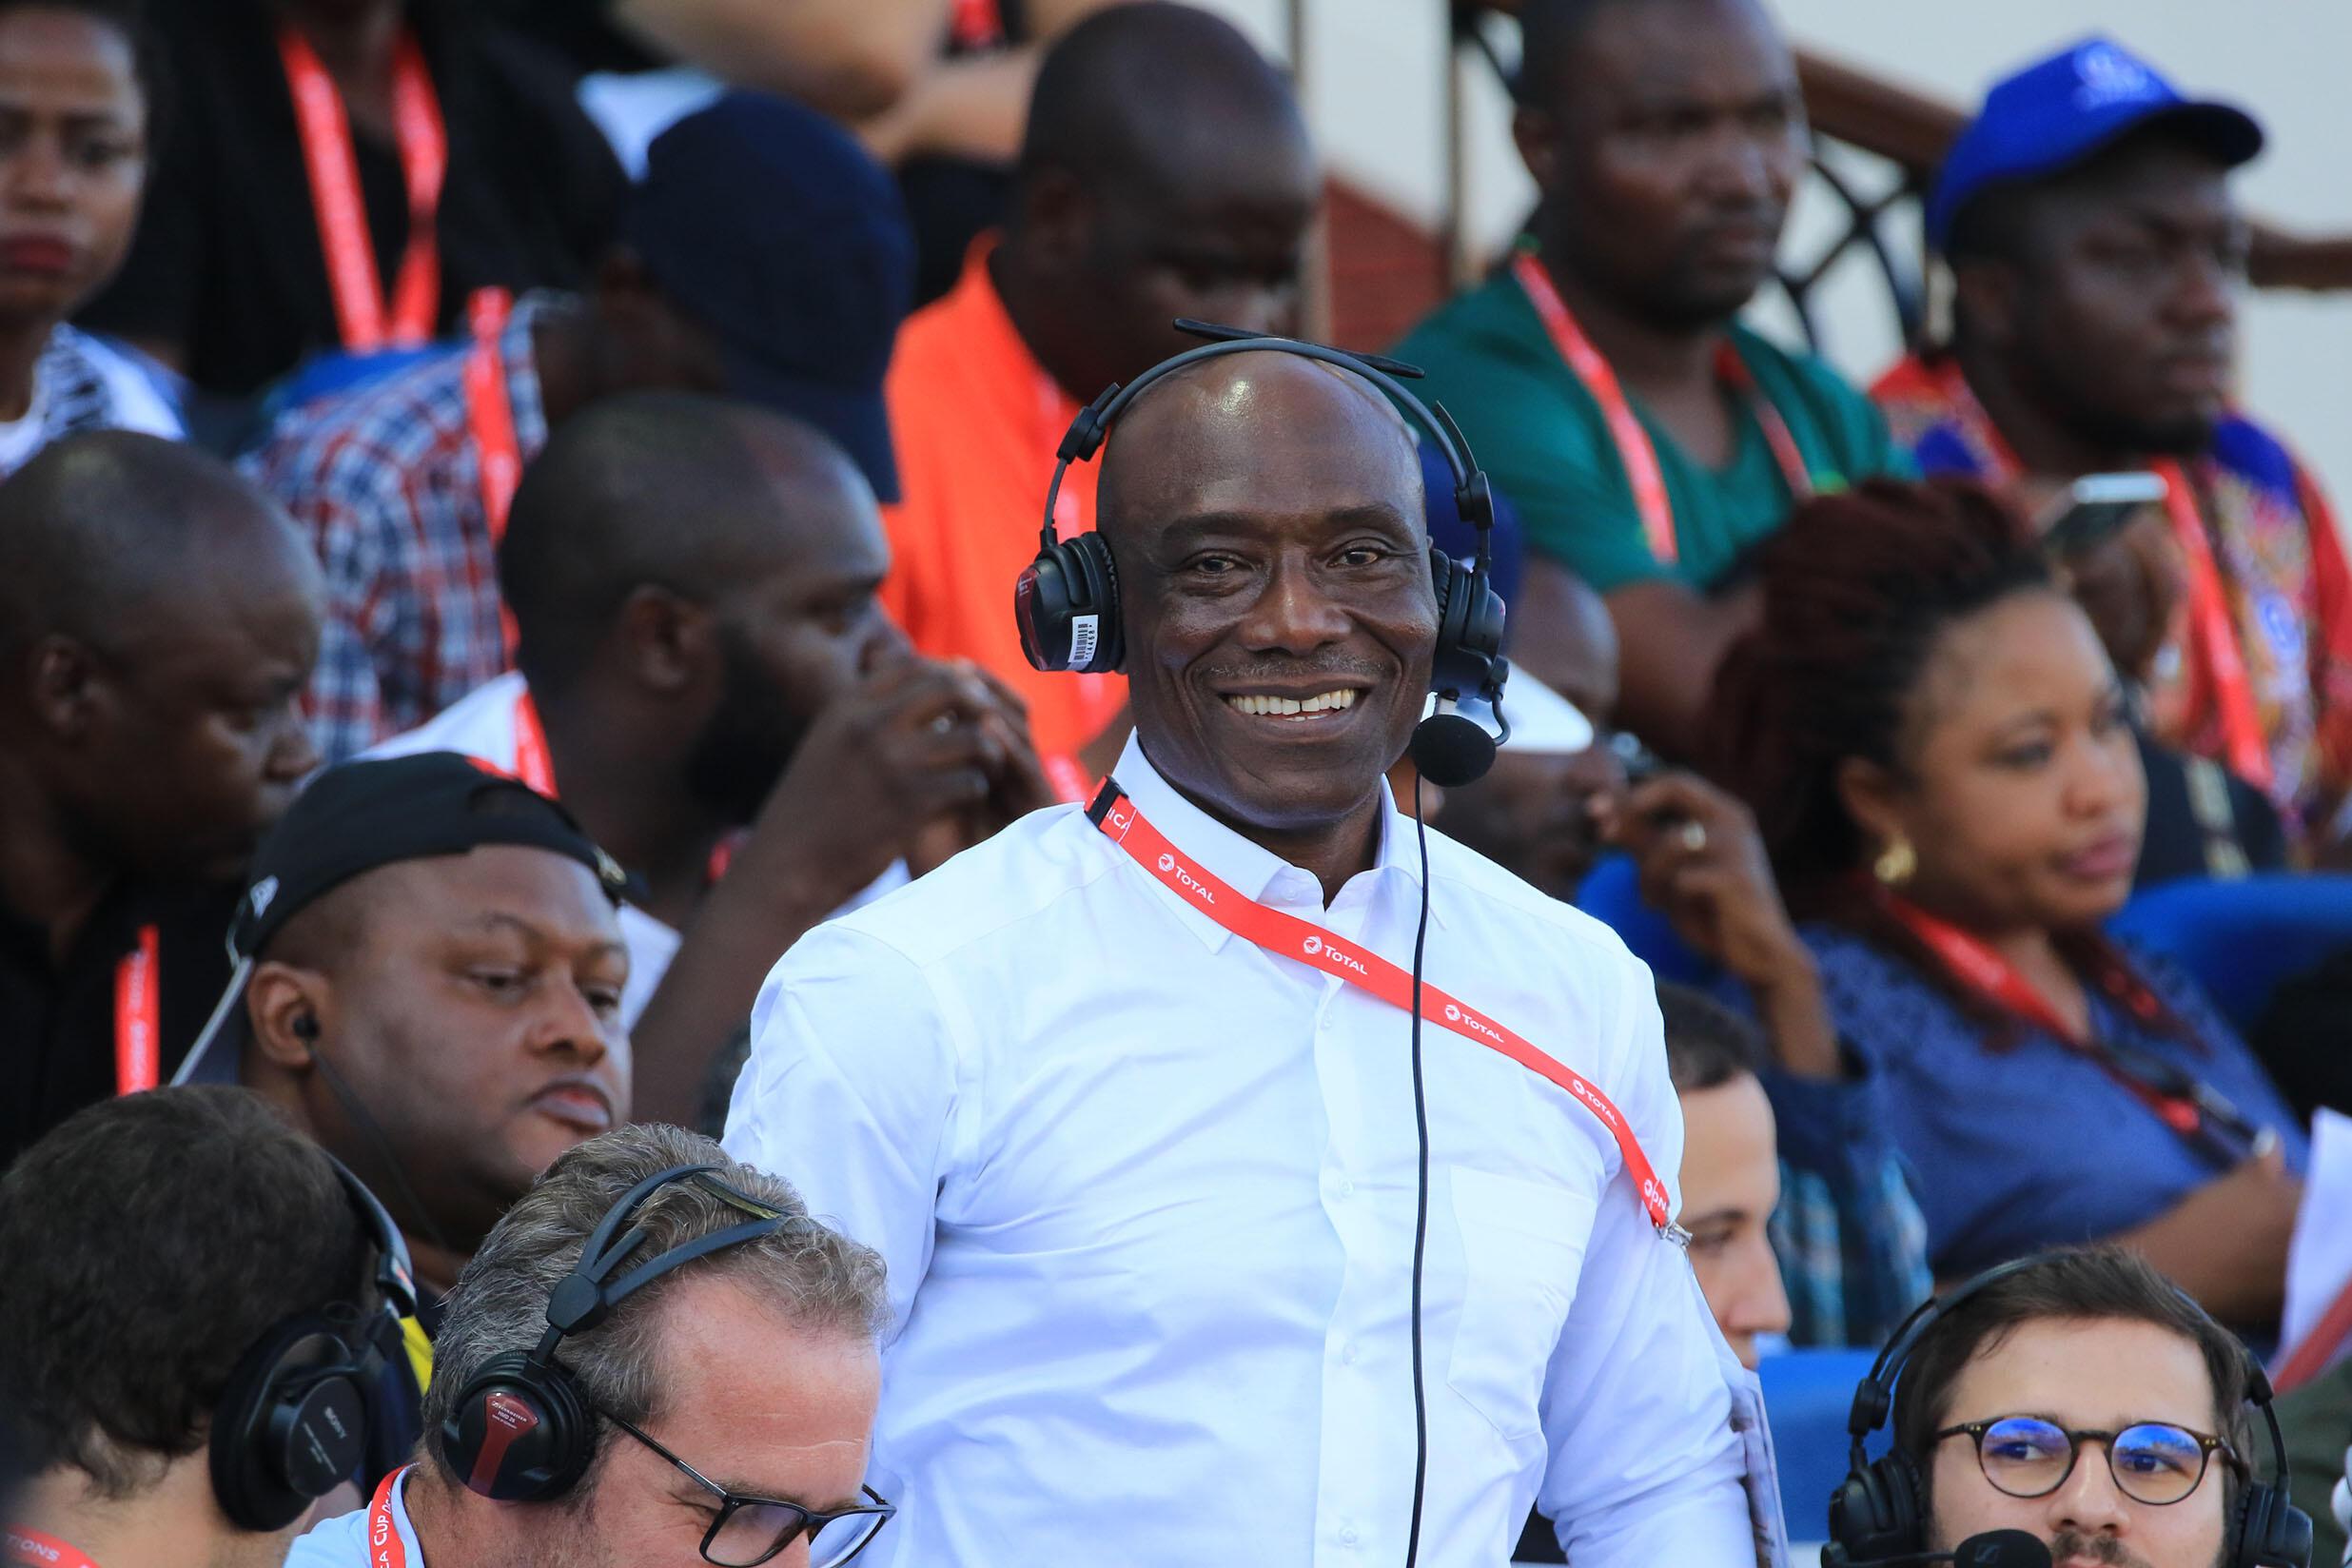 Joseph-Antoine Bell, consultant pour RFI lors de la Coupe d'Afrique des nations.